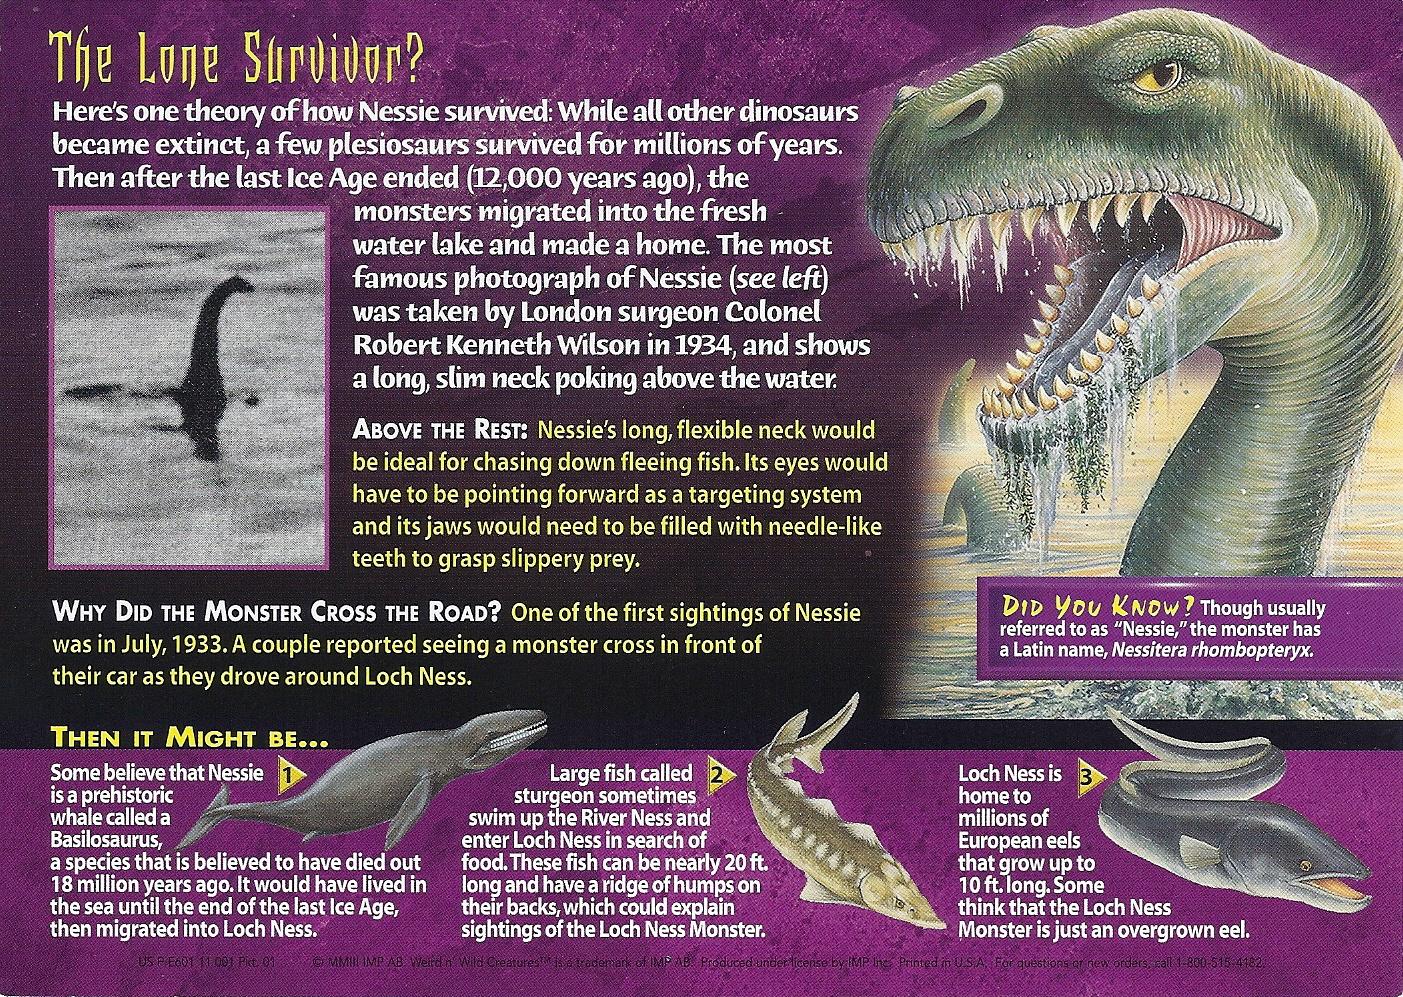 Image Loch Ness Monster Back Jpg Wierd N Wild